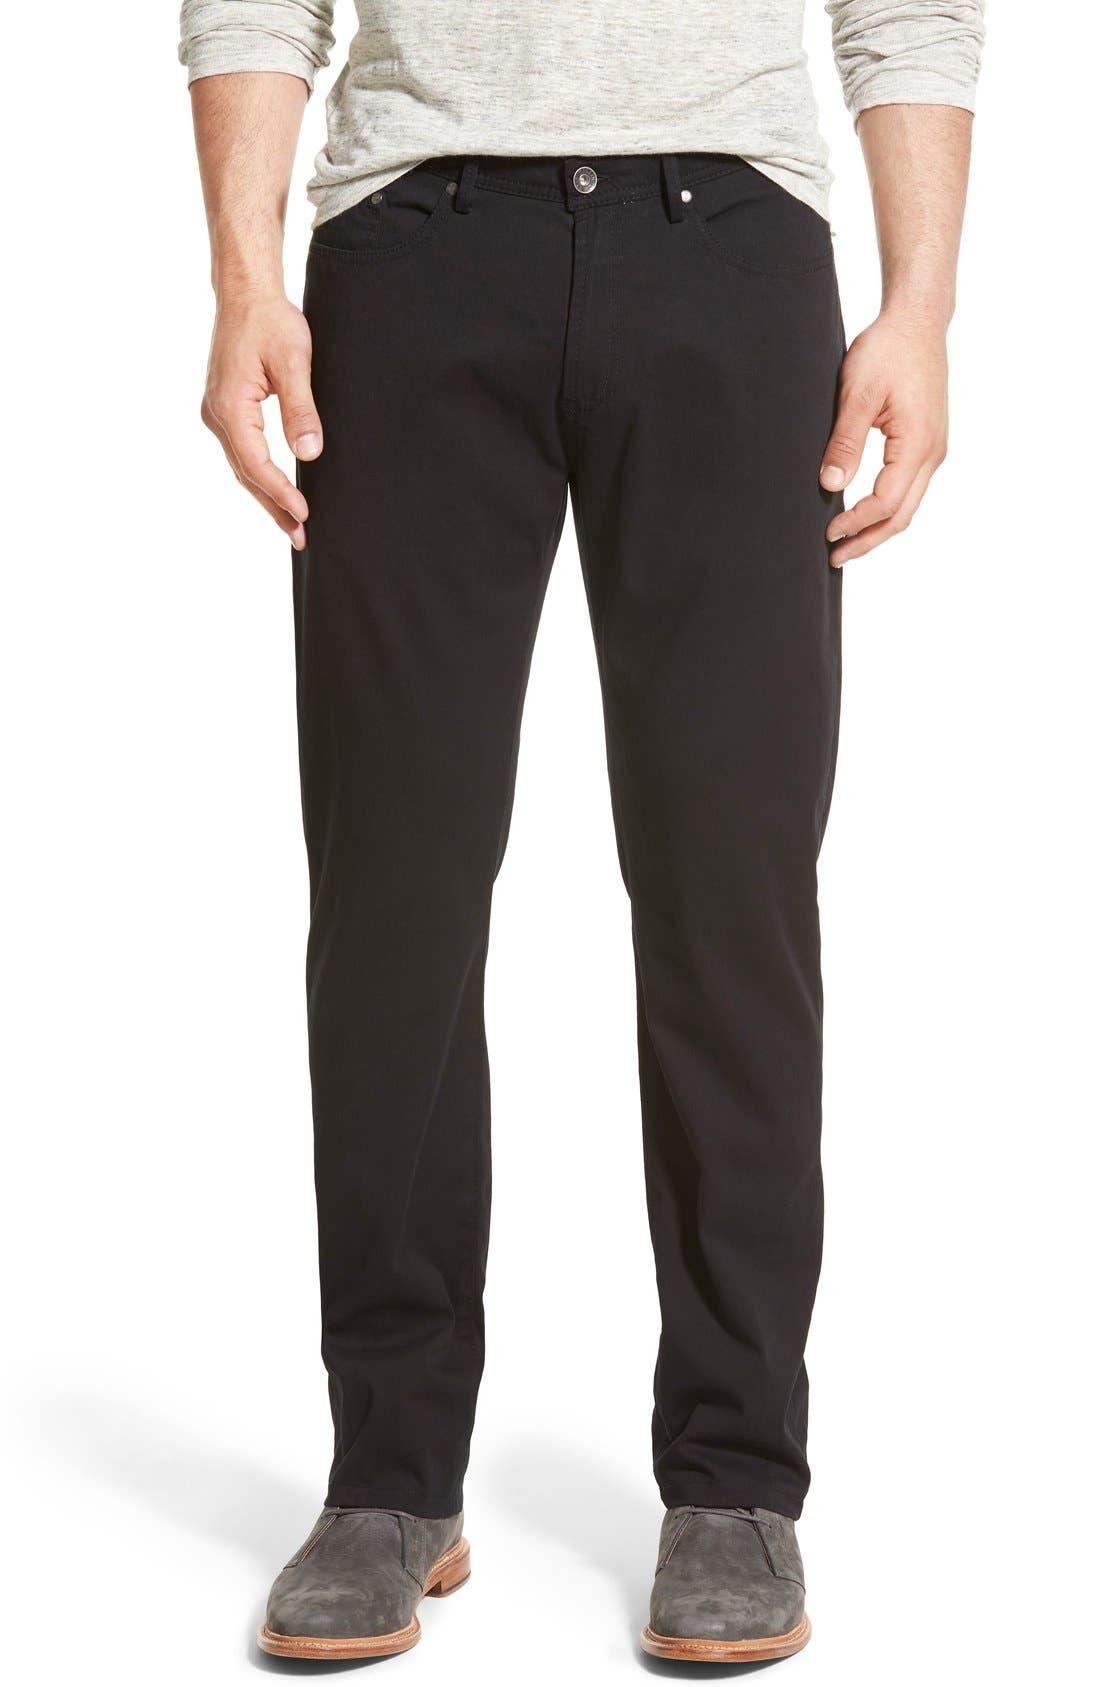 Crescent Pima Cotton Pants,                             Main thumbnail 1, color,                             001